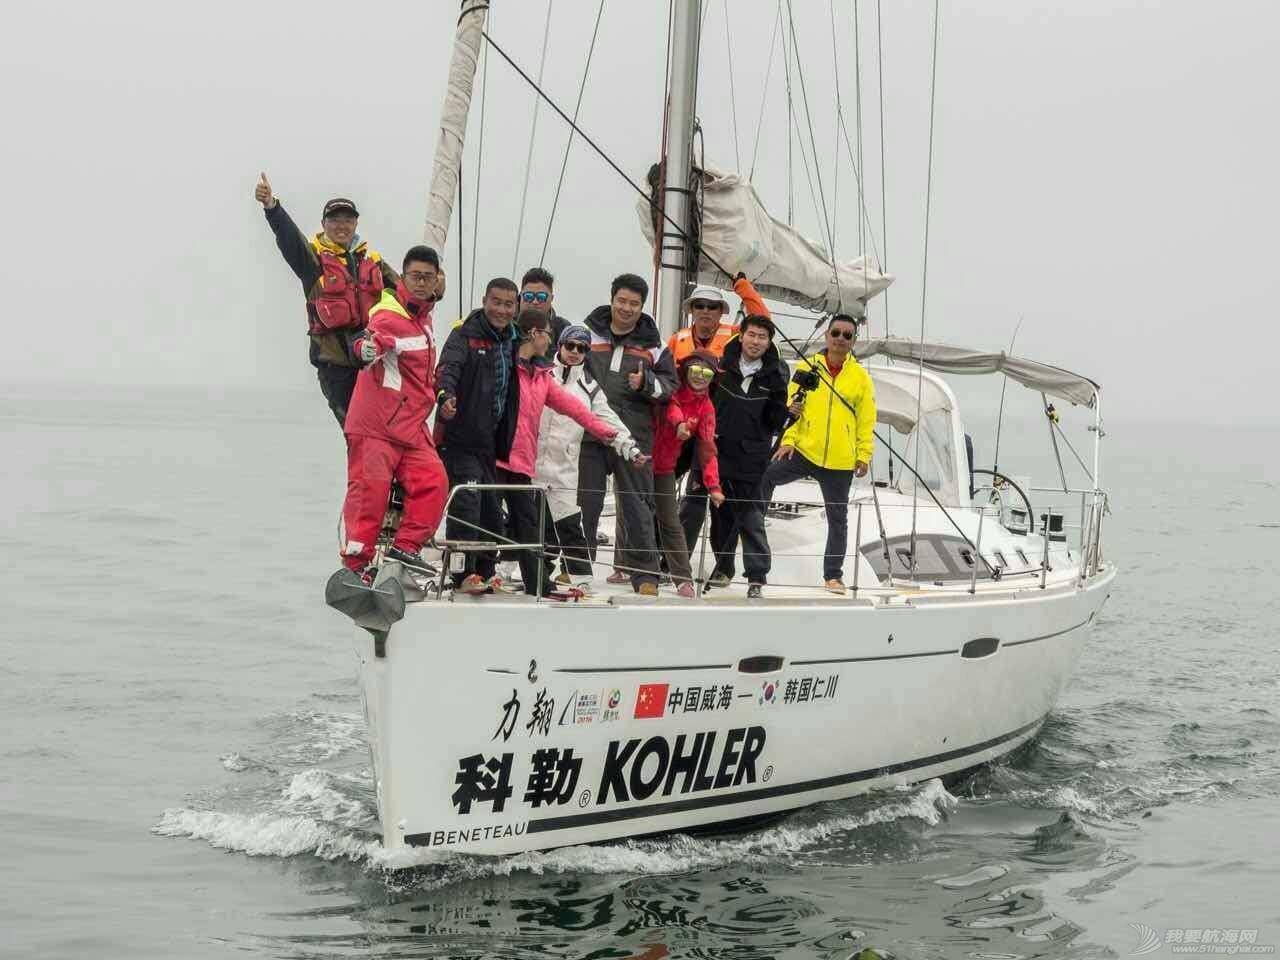 """不要去航海---""""韩乐坊杯""""威海---仁川拉力赛纪实 IMG_1616.JPG"""